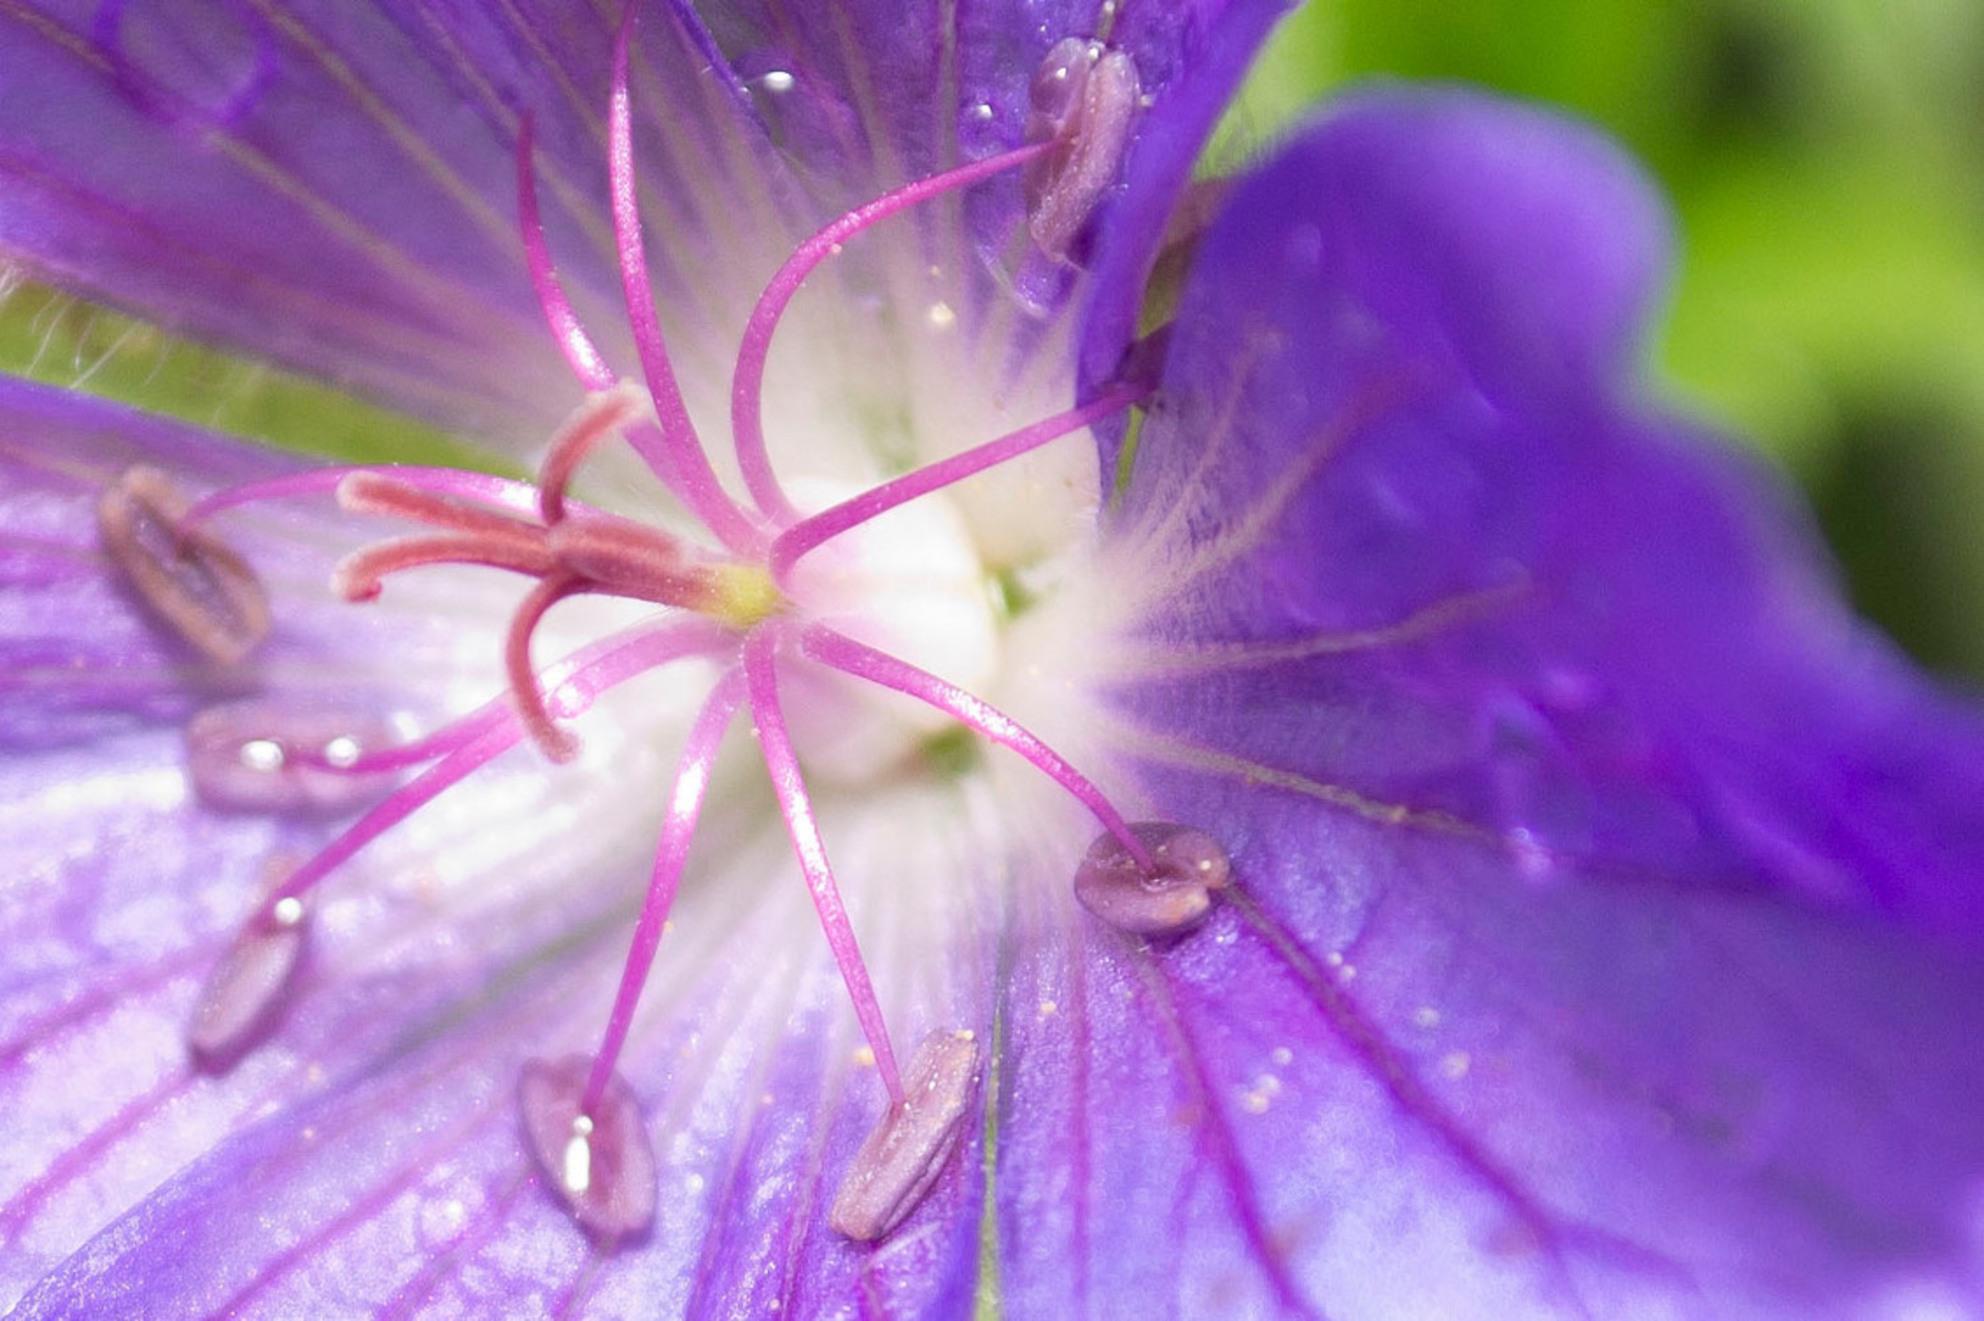 Stampertje - Stampers van een blauwe bloem. - foto door Desiree91 op 30-07-2014 - deze foto bevat: macro, bloem, natuur, tuin, landschap, voorjaar - Deze foto mag gebruikt worden in een Zoom.nl publicatie